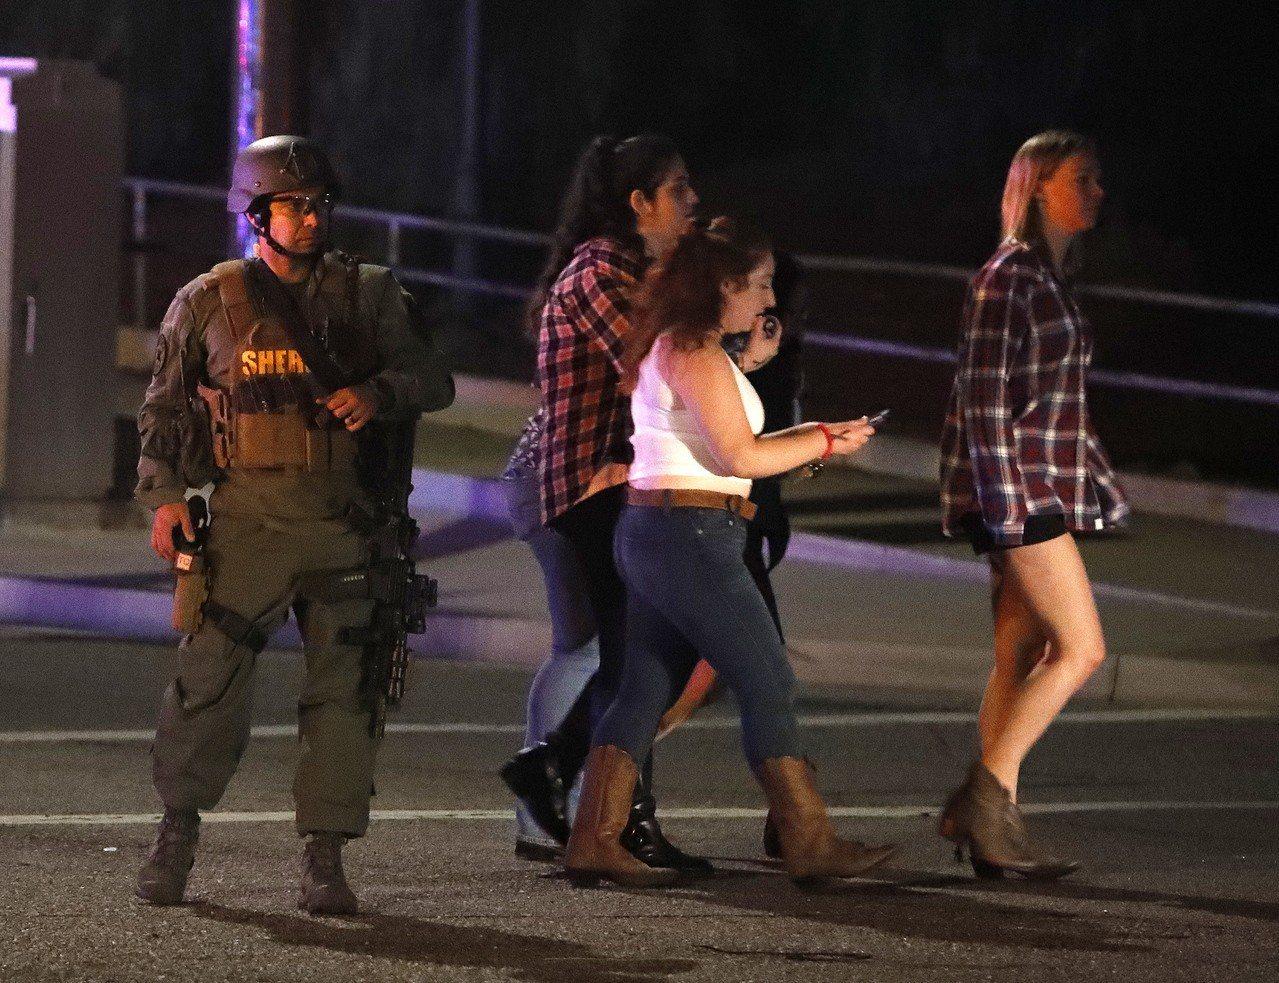 槍口餘生的目擊者在警方護送下離開現場。 歐新社